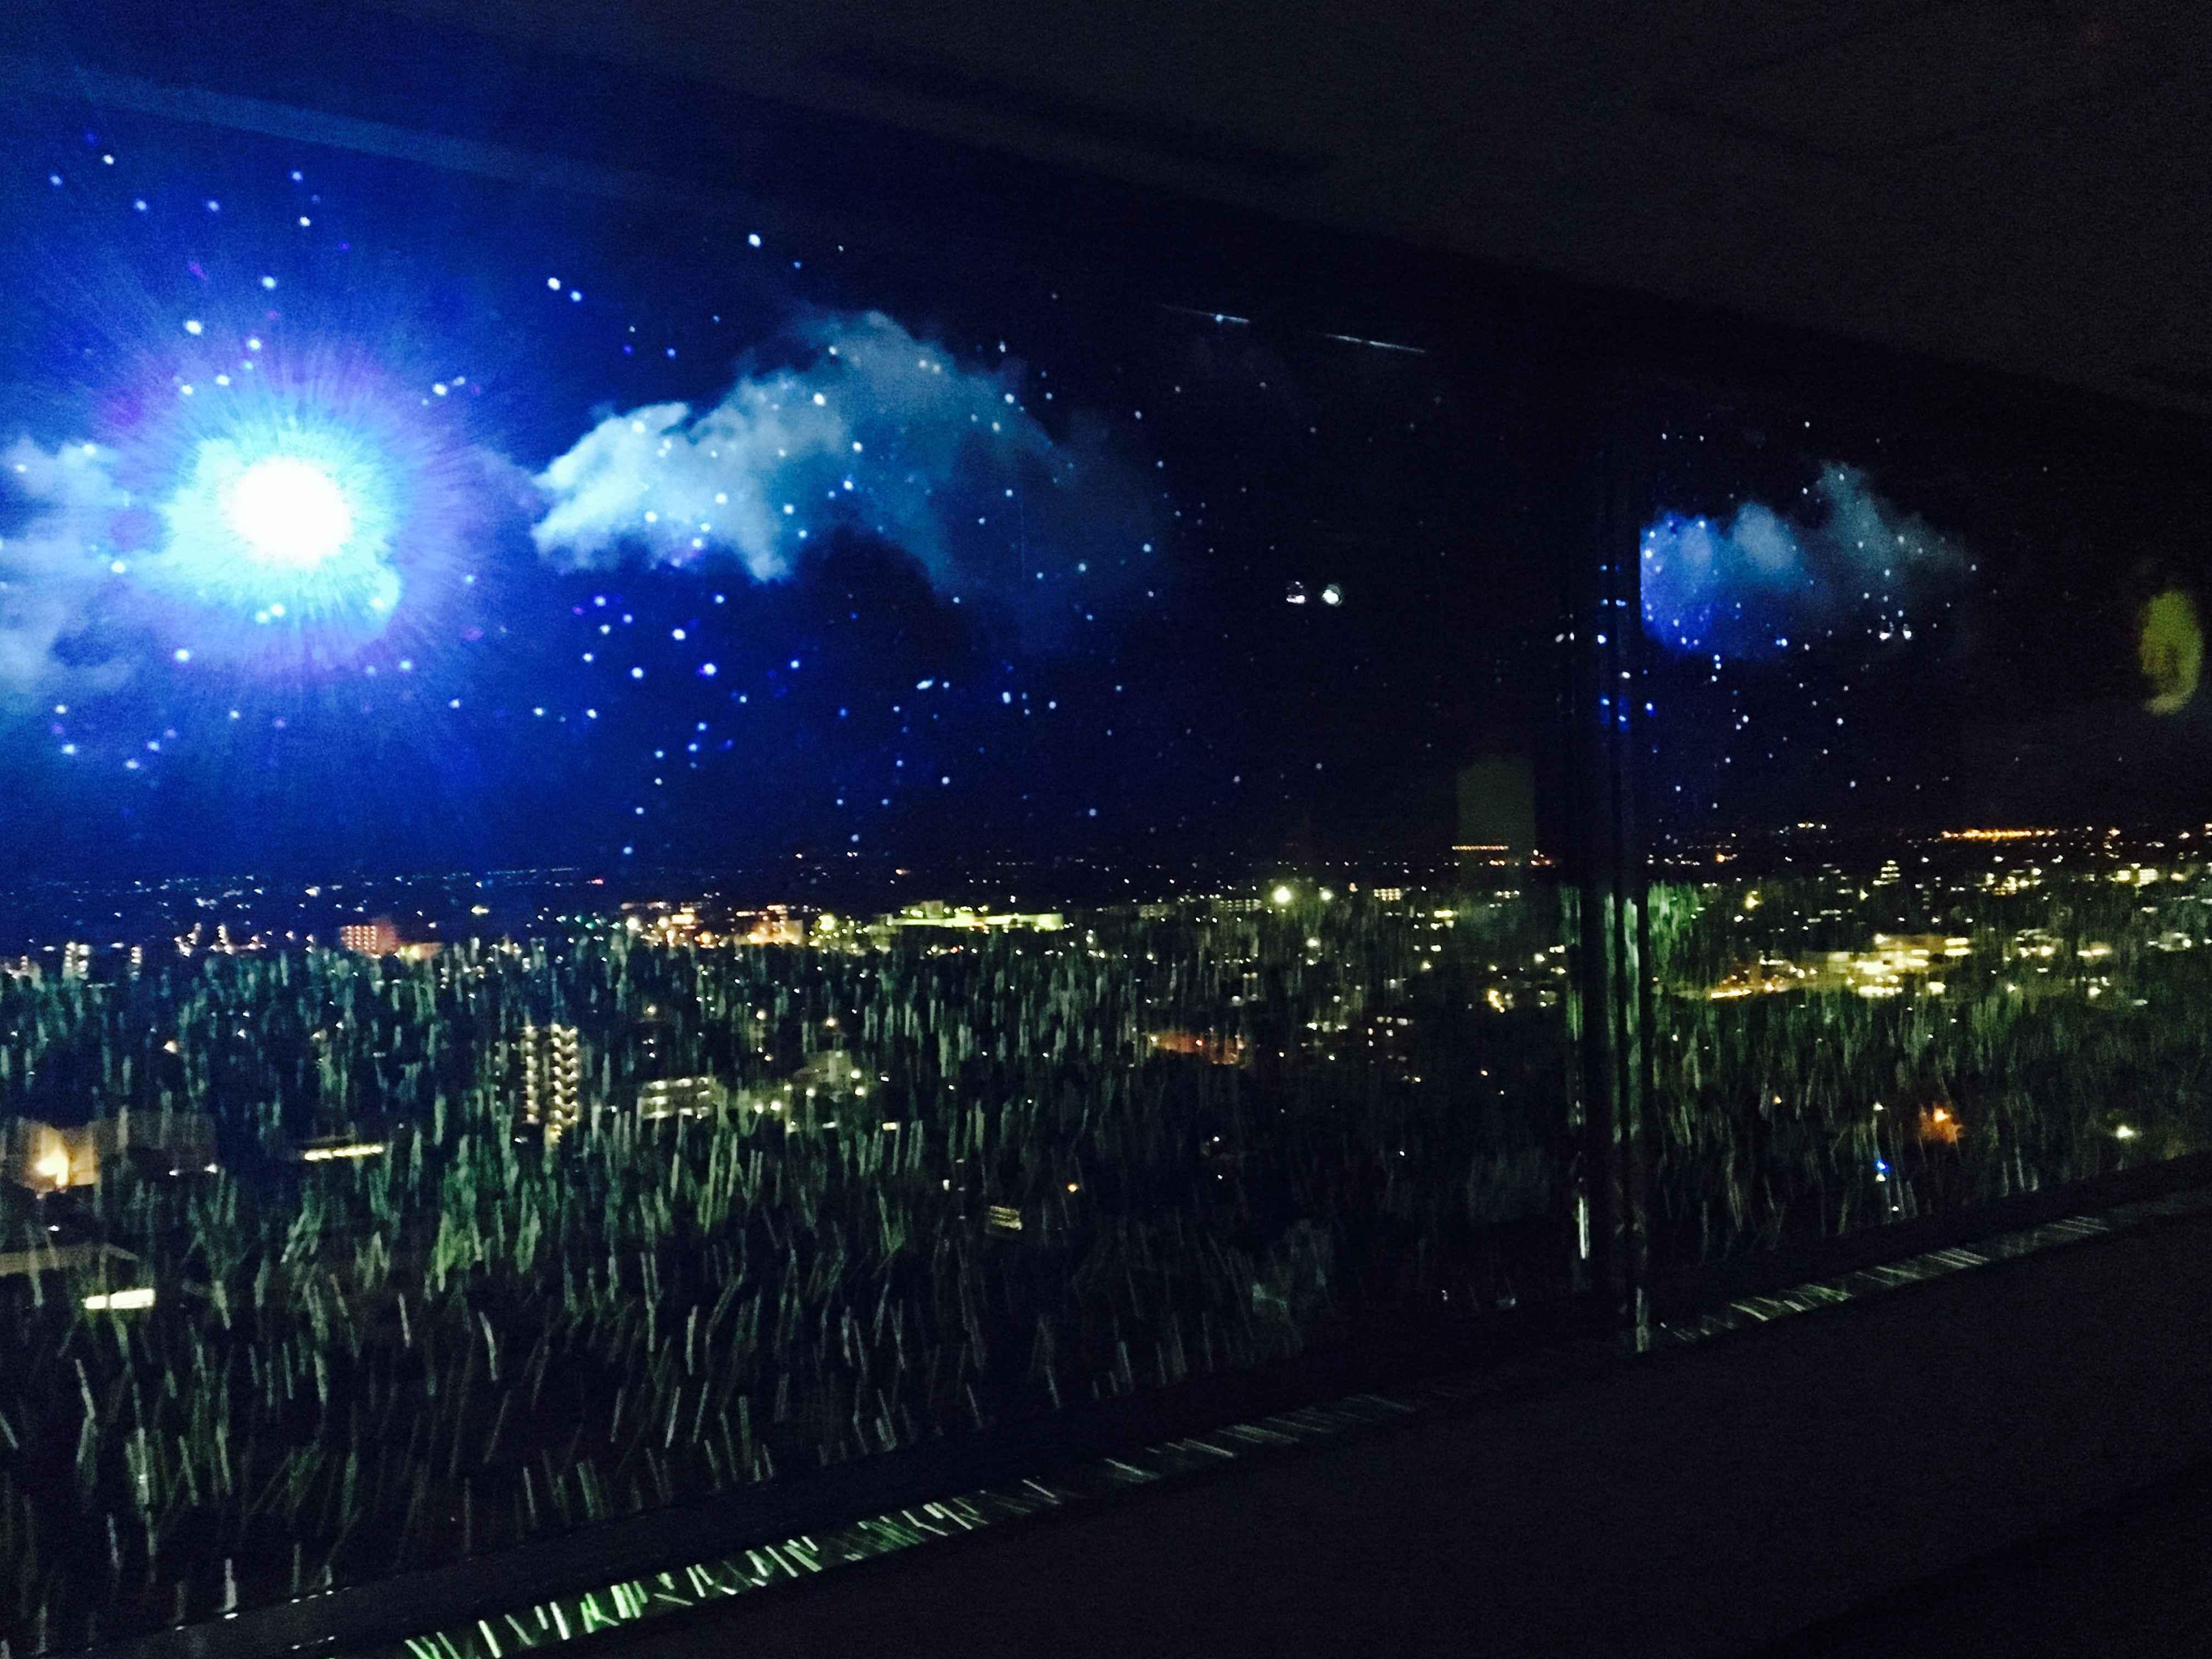 【佐賀】美しく夜景を彩るプロジェクションマッピング!『SAGA Night of Light by NAKED』